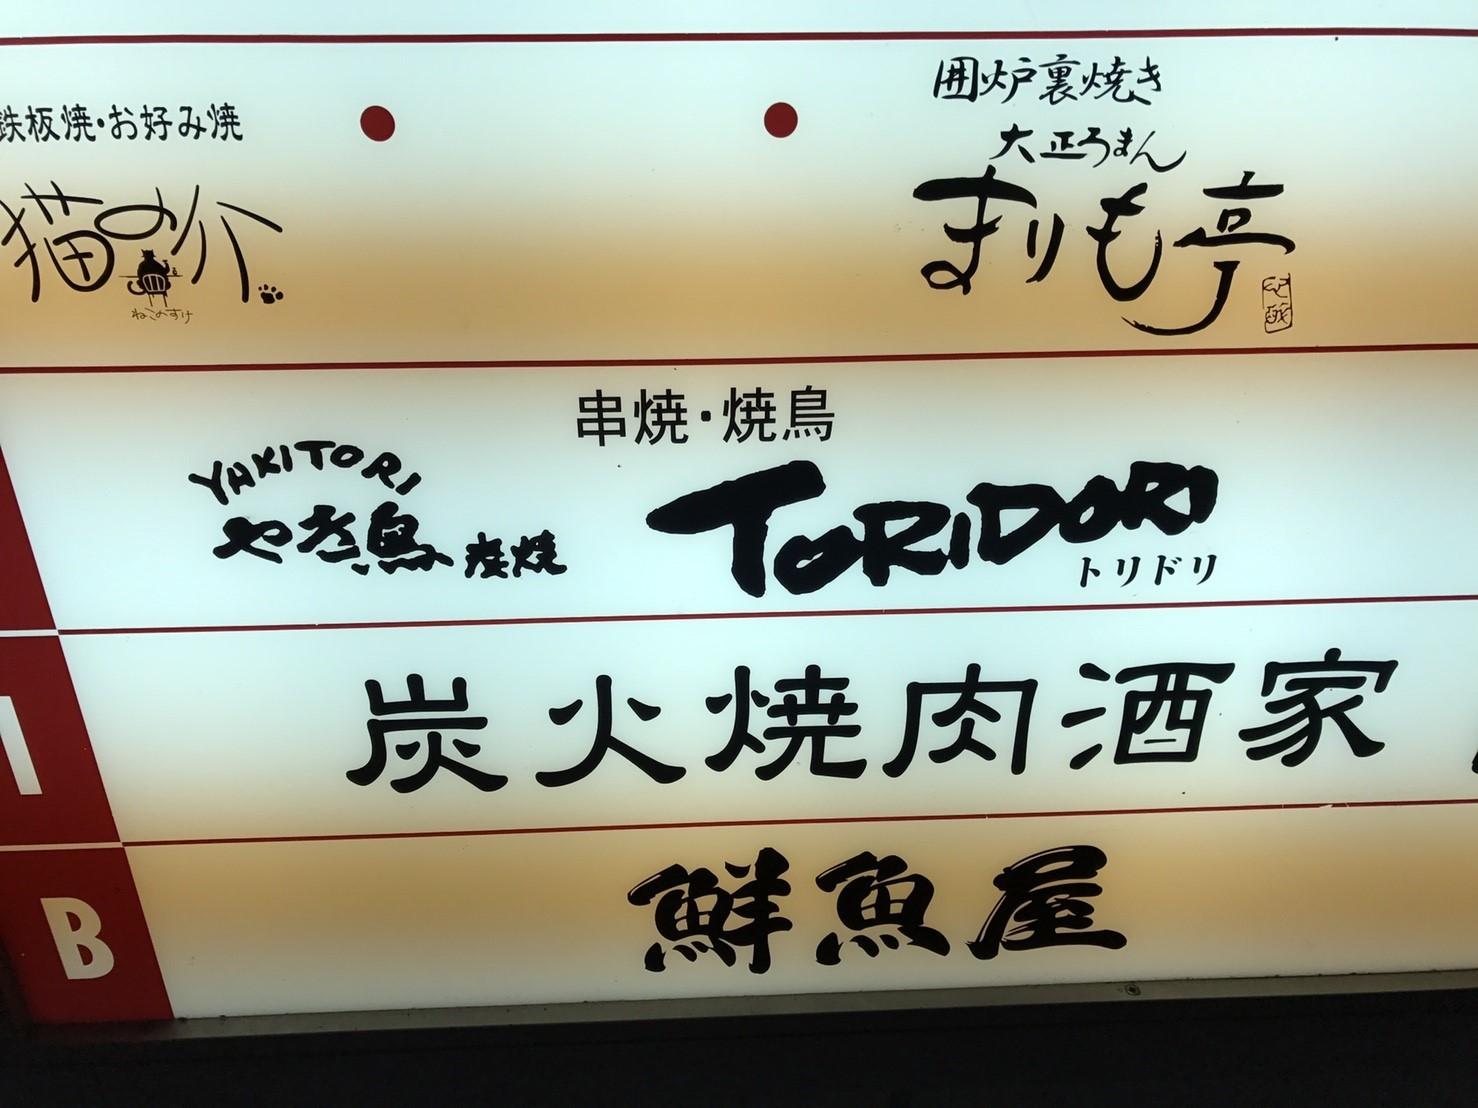 神戸・いきなりステーキ・串焼焼鳥TORIDORI 神戸三宮_e0115904_16025060.jpg